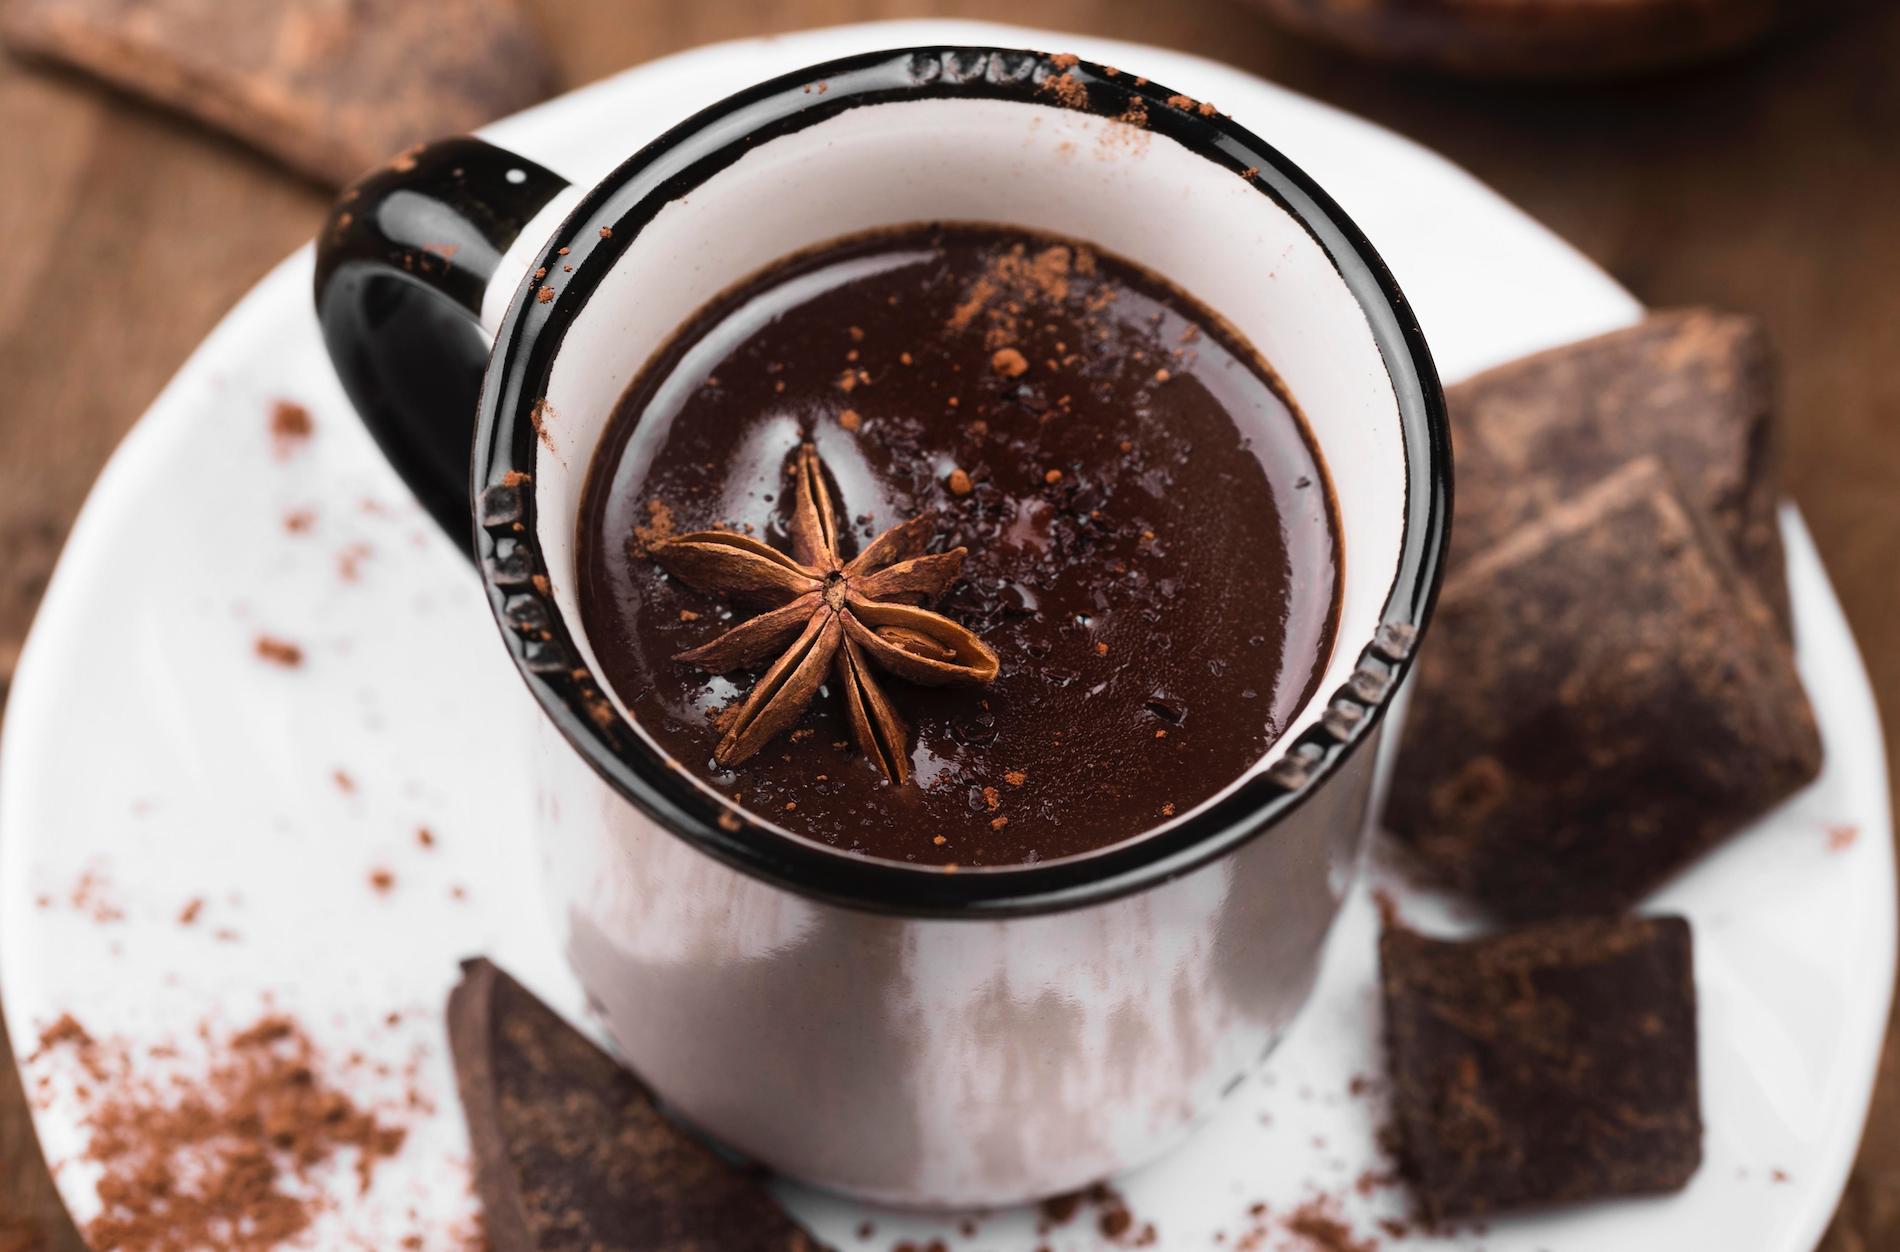 Top ten de los mejores lugares para beber chocolate caliente en CDMX